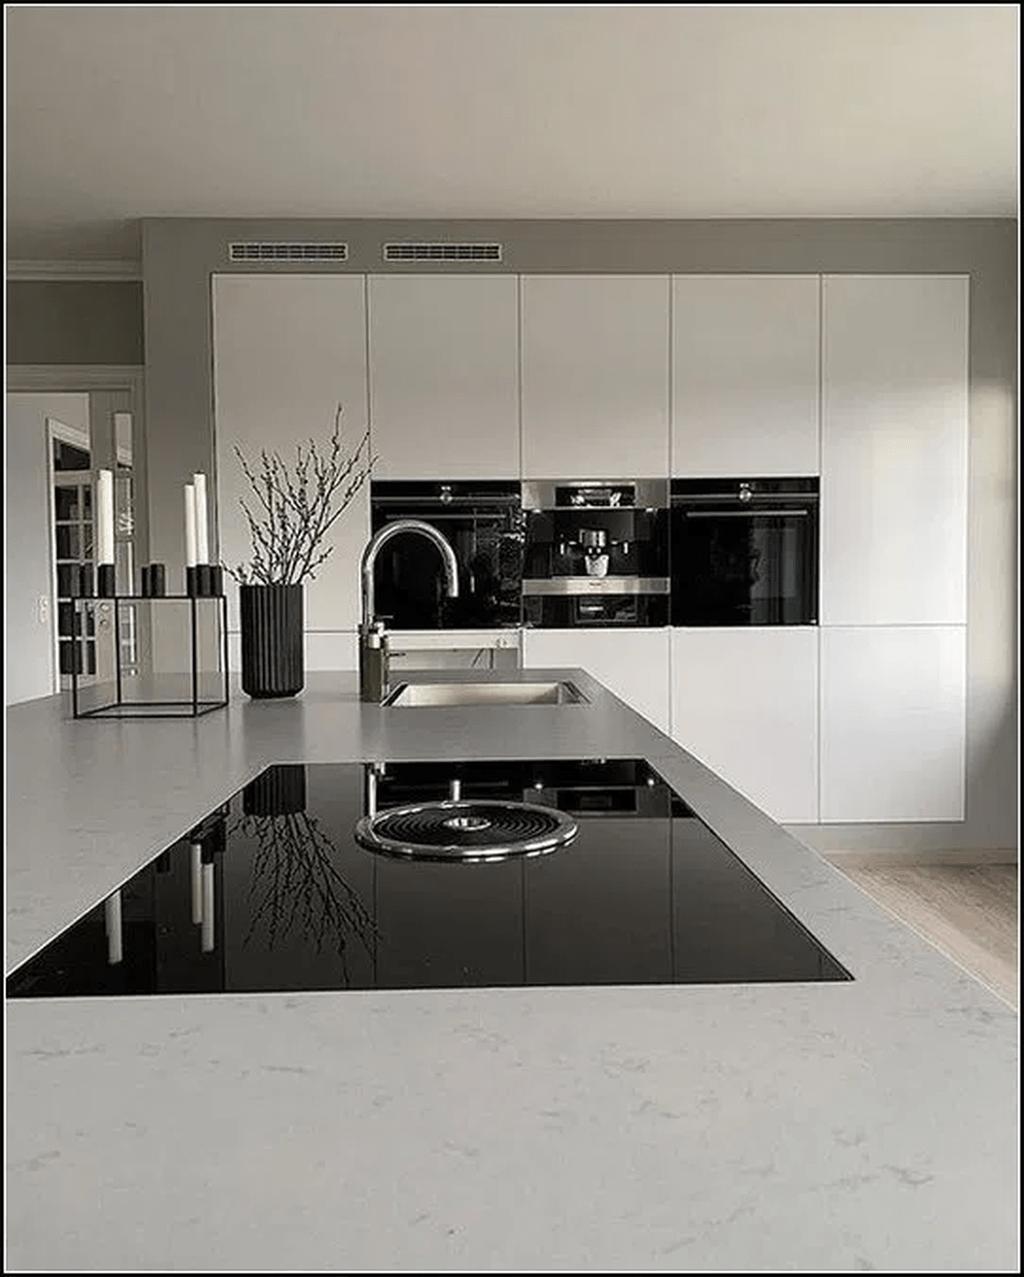 39 Amazing Luxury Kitchens Design Ideas With Modern Style Interiordesignbedroom Interior Kitchen Room Design Modern Kitchen Design Kitchen Inspiration Design